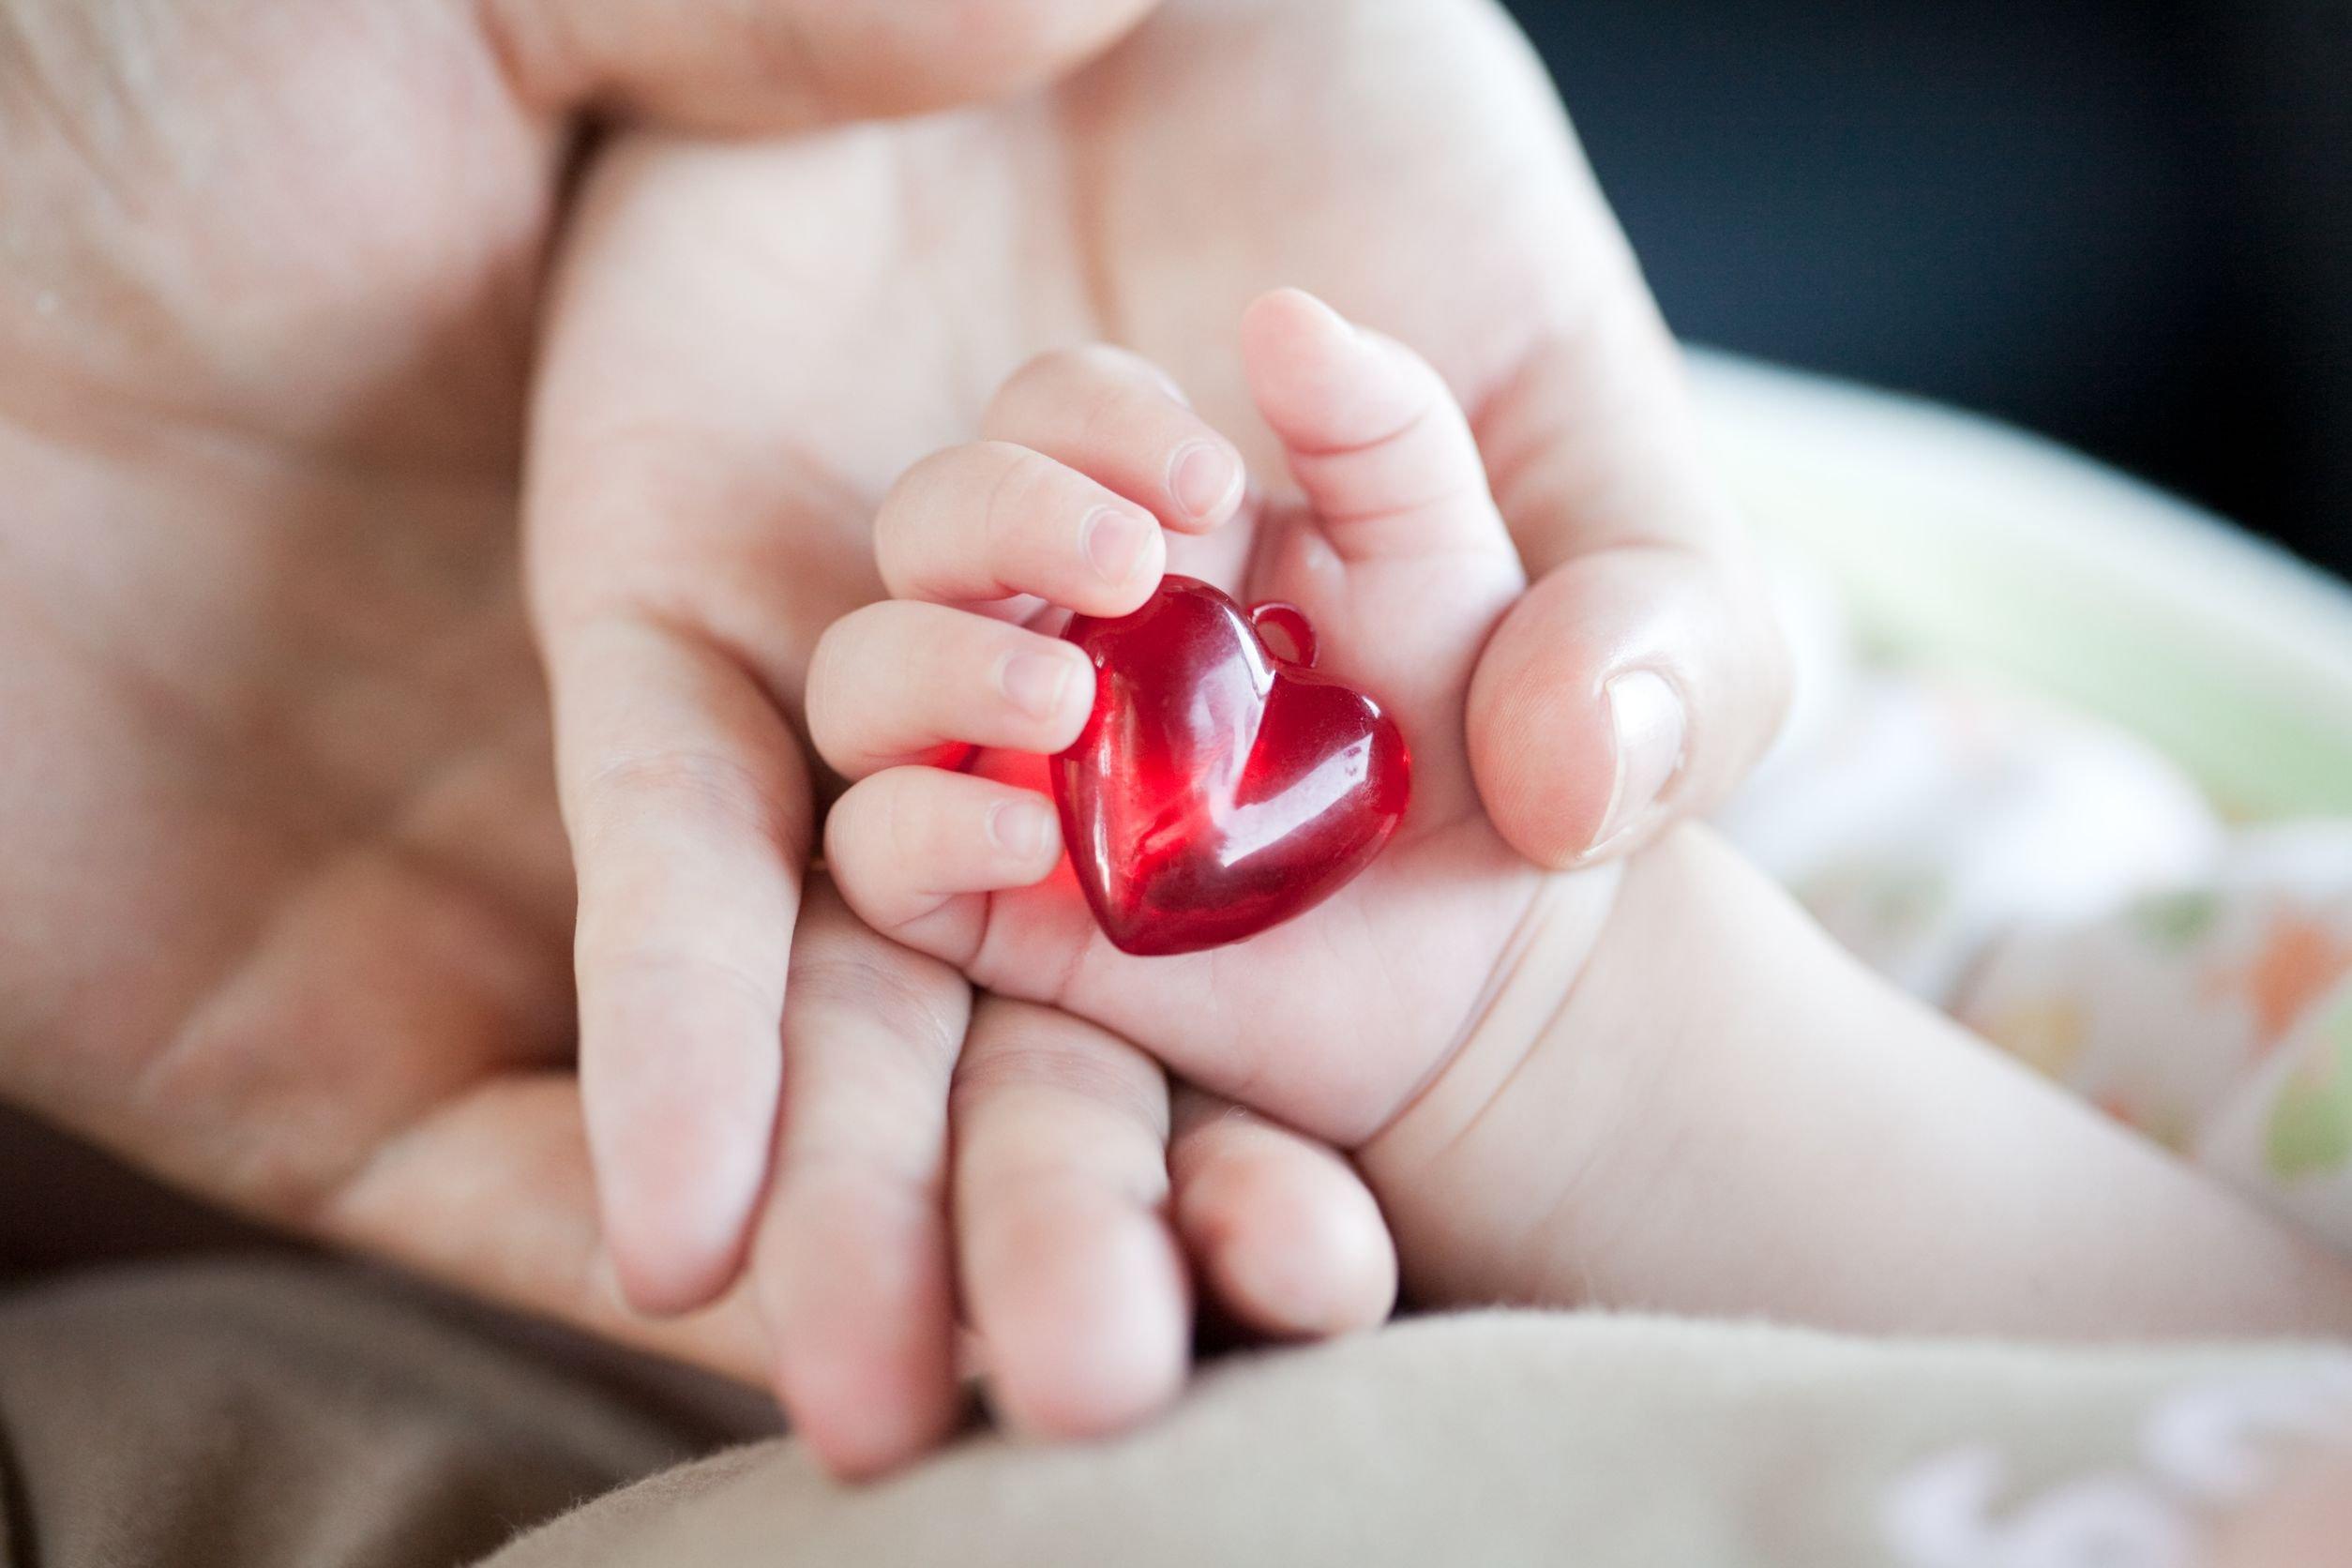 حب الام الزائد للاطفال حب يخنق الاطفال